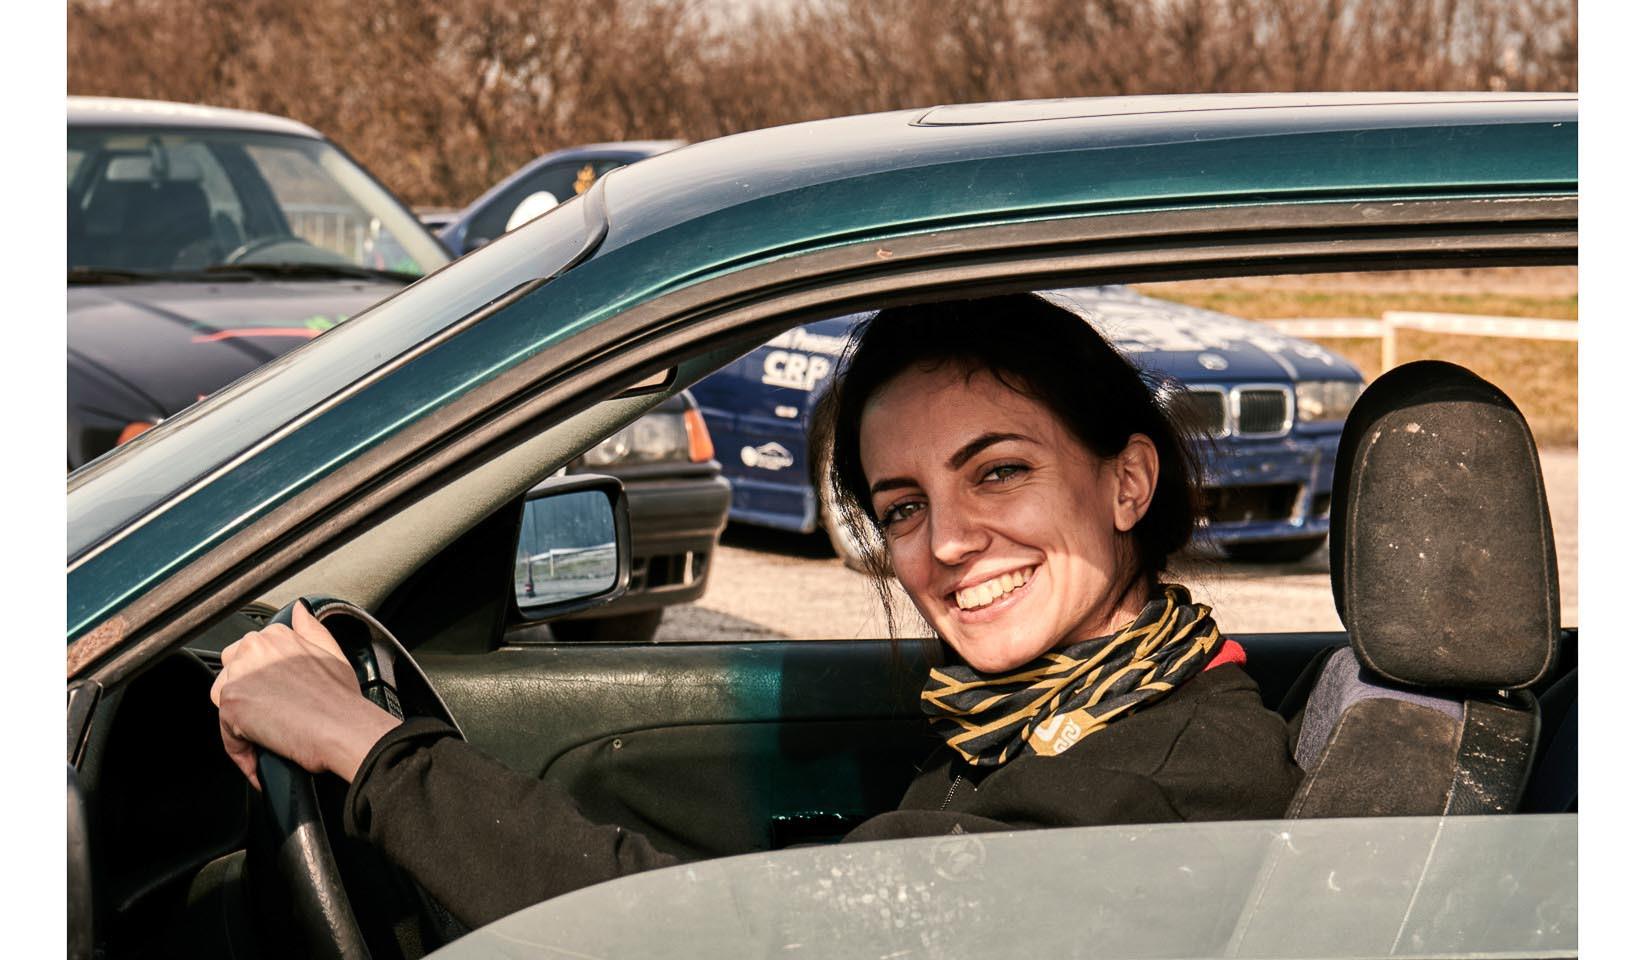 WMB Chiara Ludovica Quadrelli ++ - 45.jpg